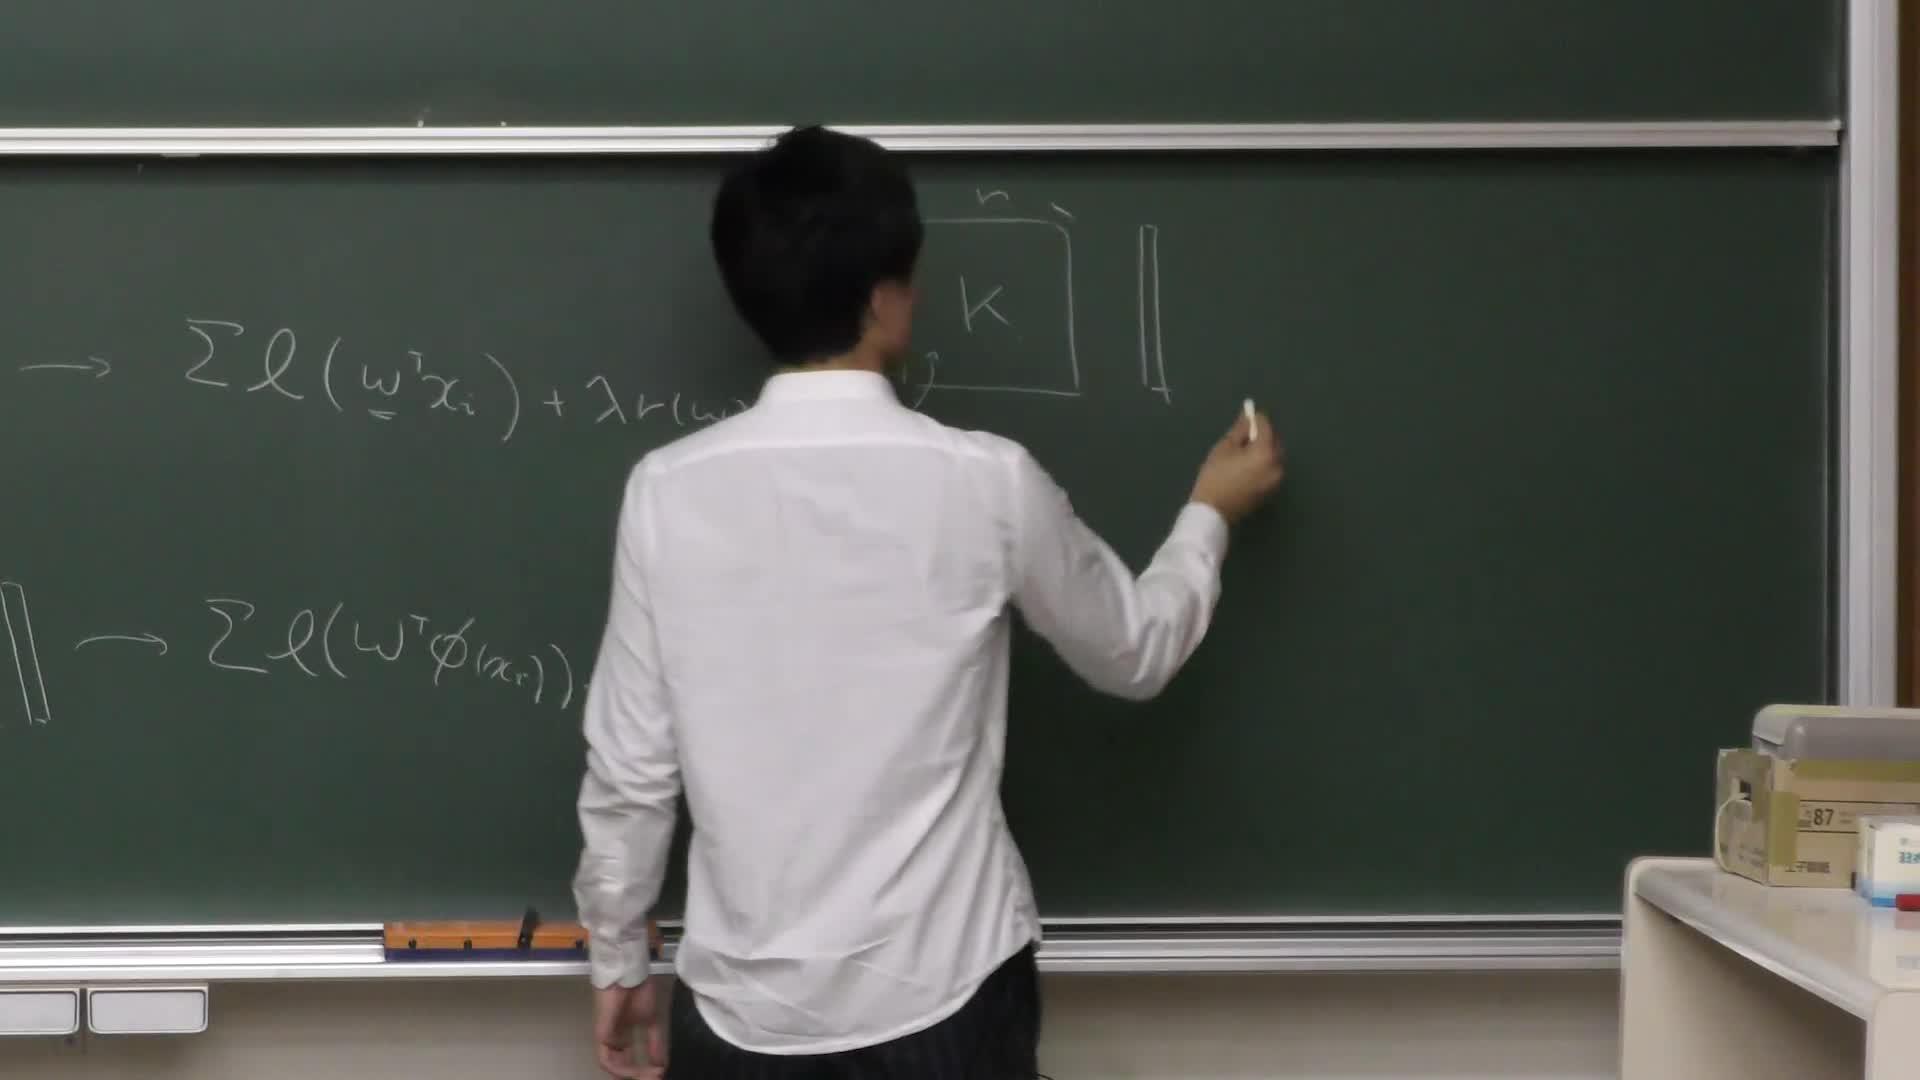 I. 教師あり学習 (5)・II. 教師なし学習 (1)